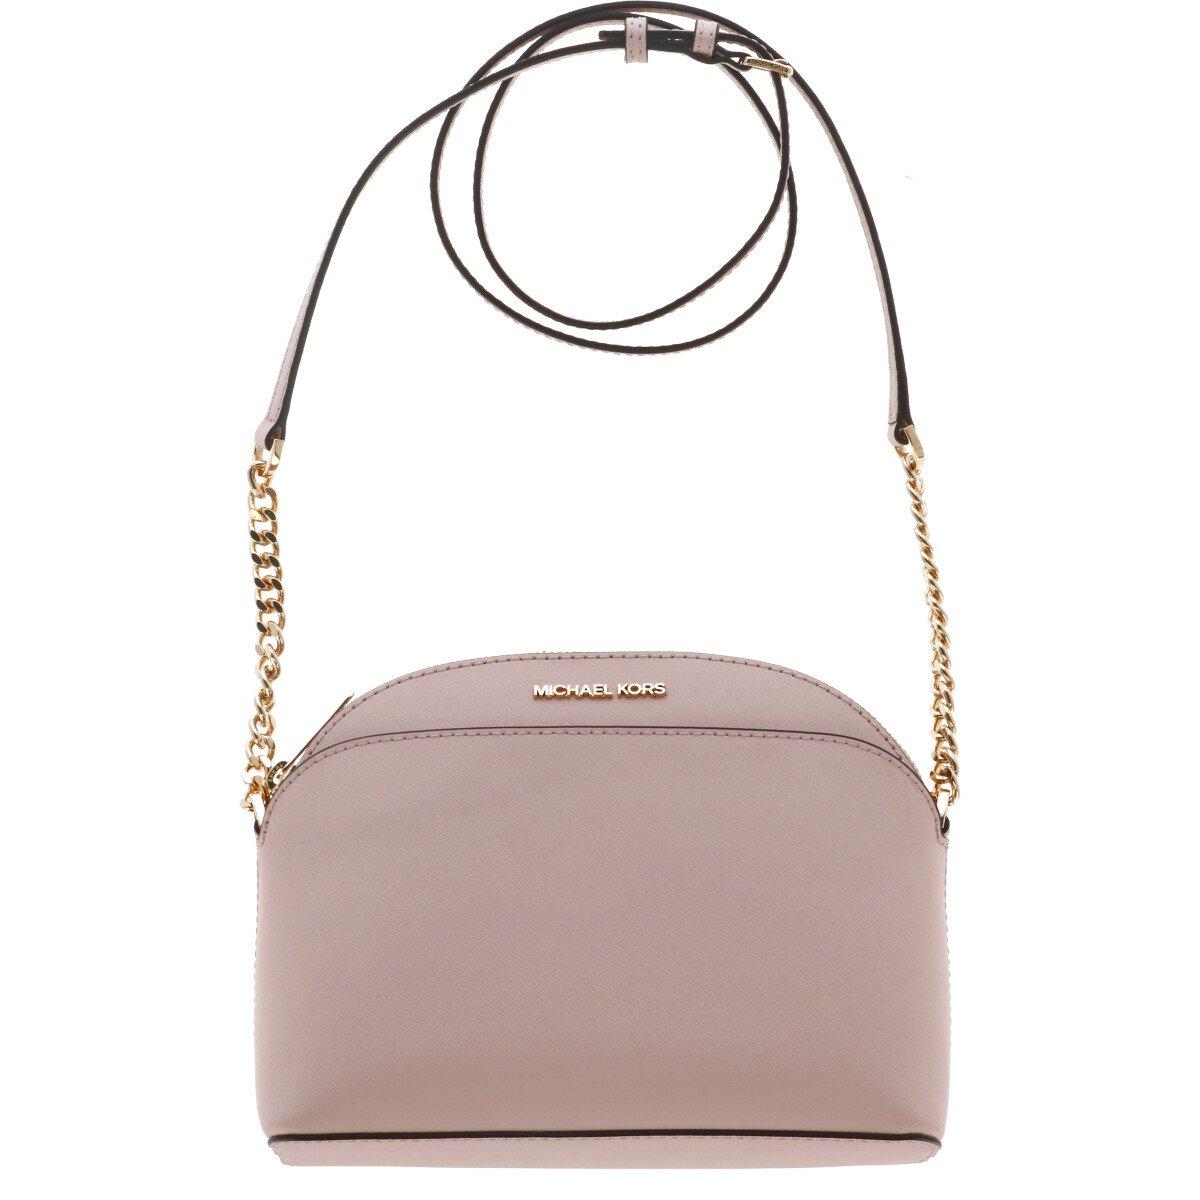 Michael Kors Women's Shoulder Bag Various Colours 290982 - pink UNICA